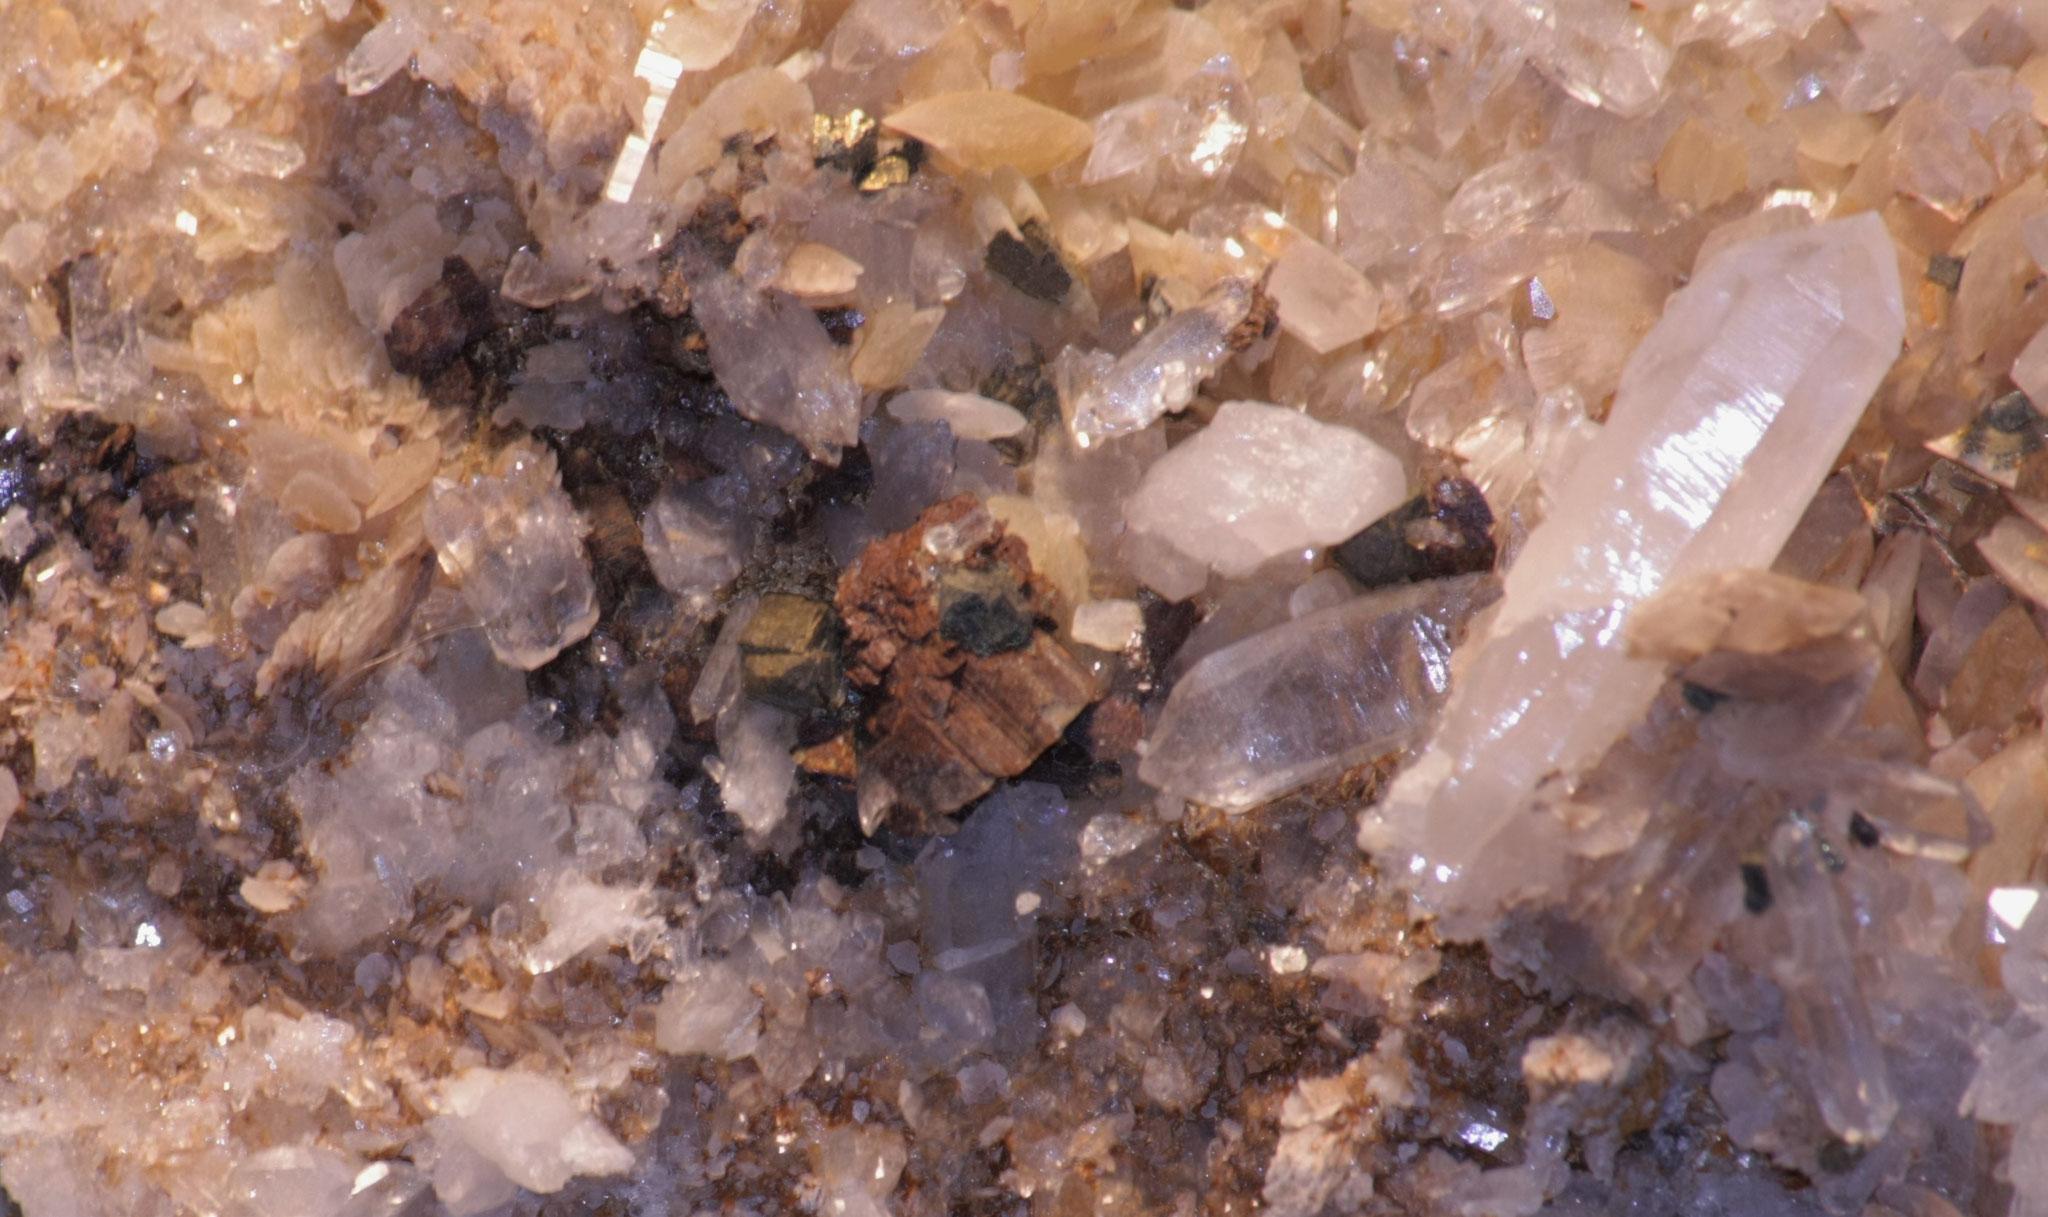 Siderit, Quarz, Pyrit - Lukmanierschlucht (GR)